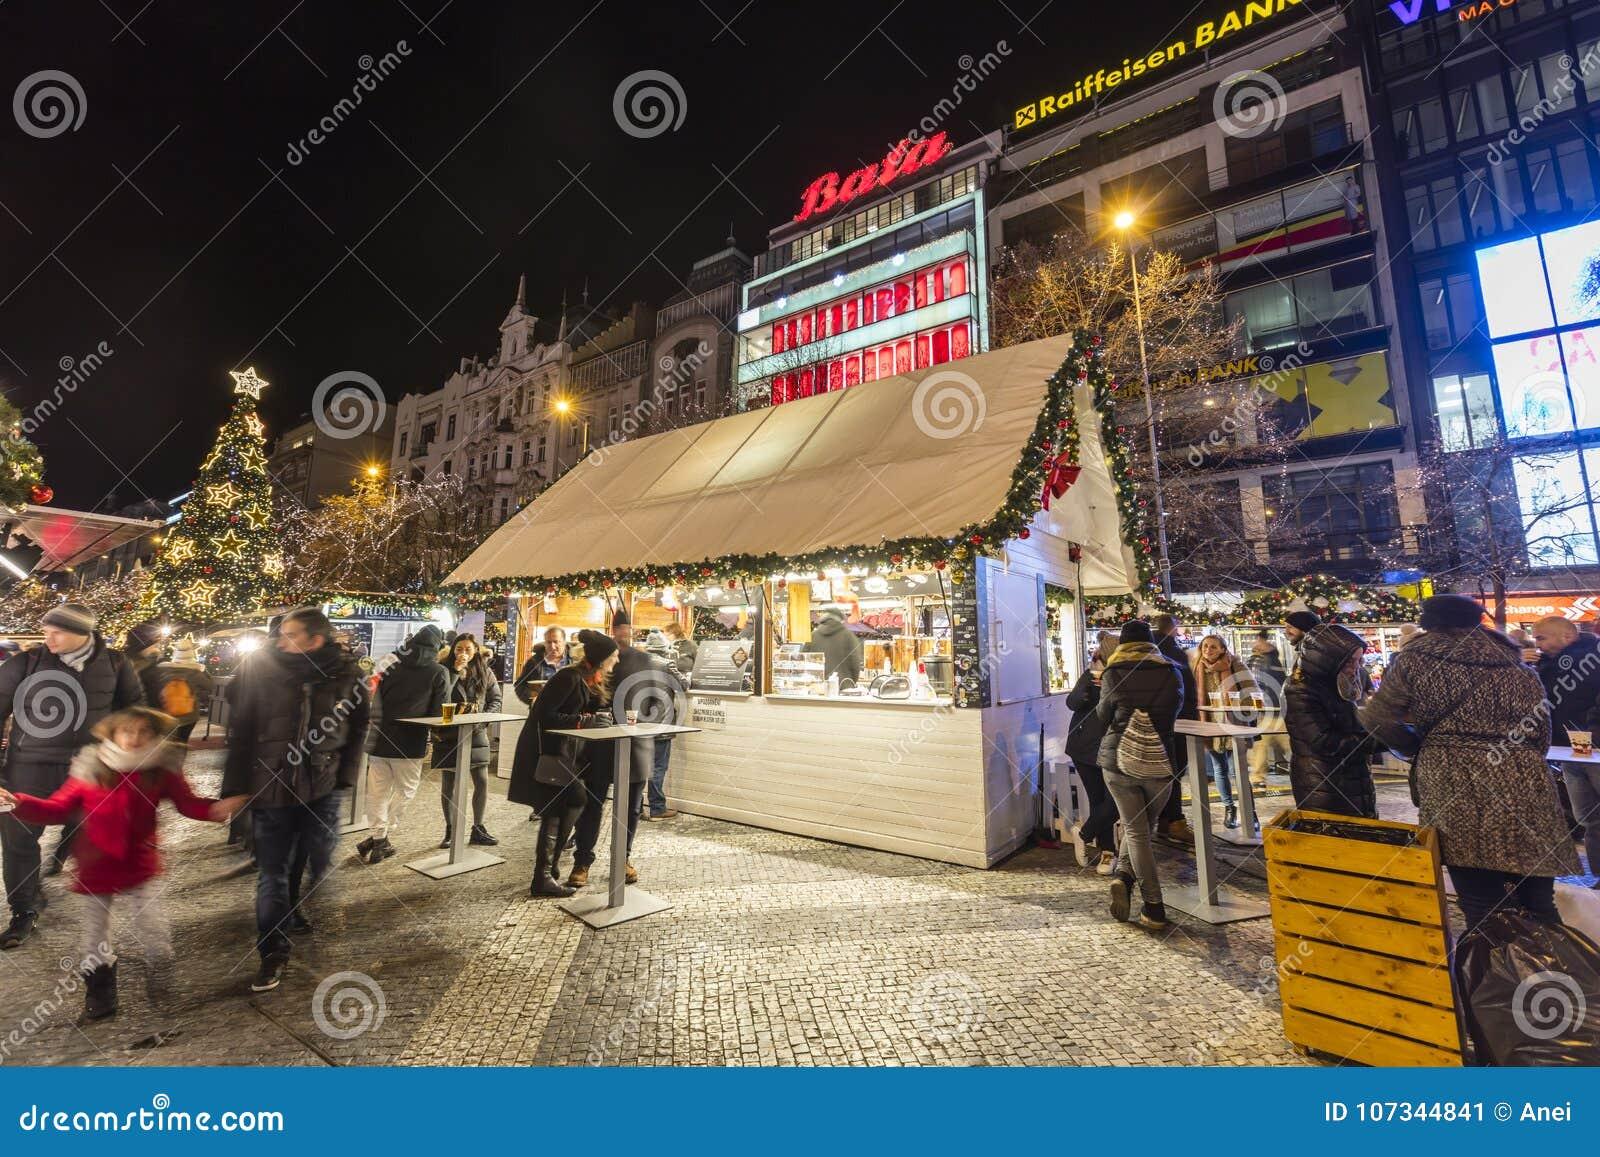 2017 - 参观圣诞节市场的人们和游人在瓦茨拉夫在布拉格摆正